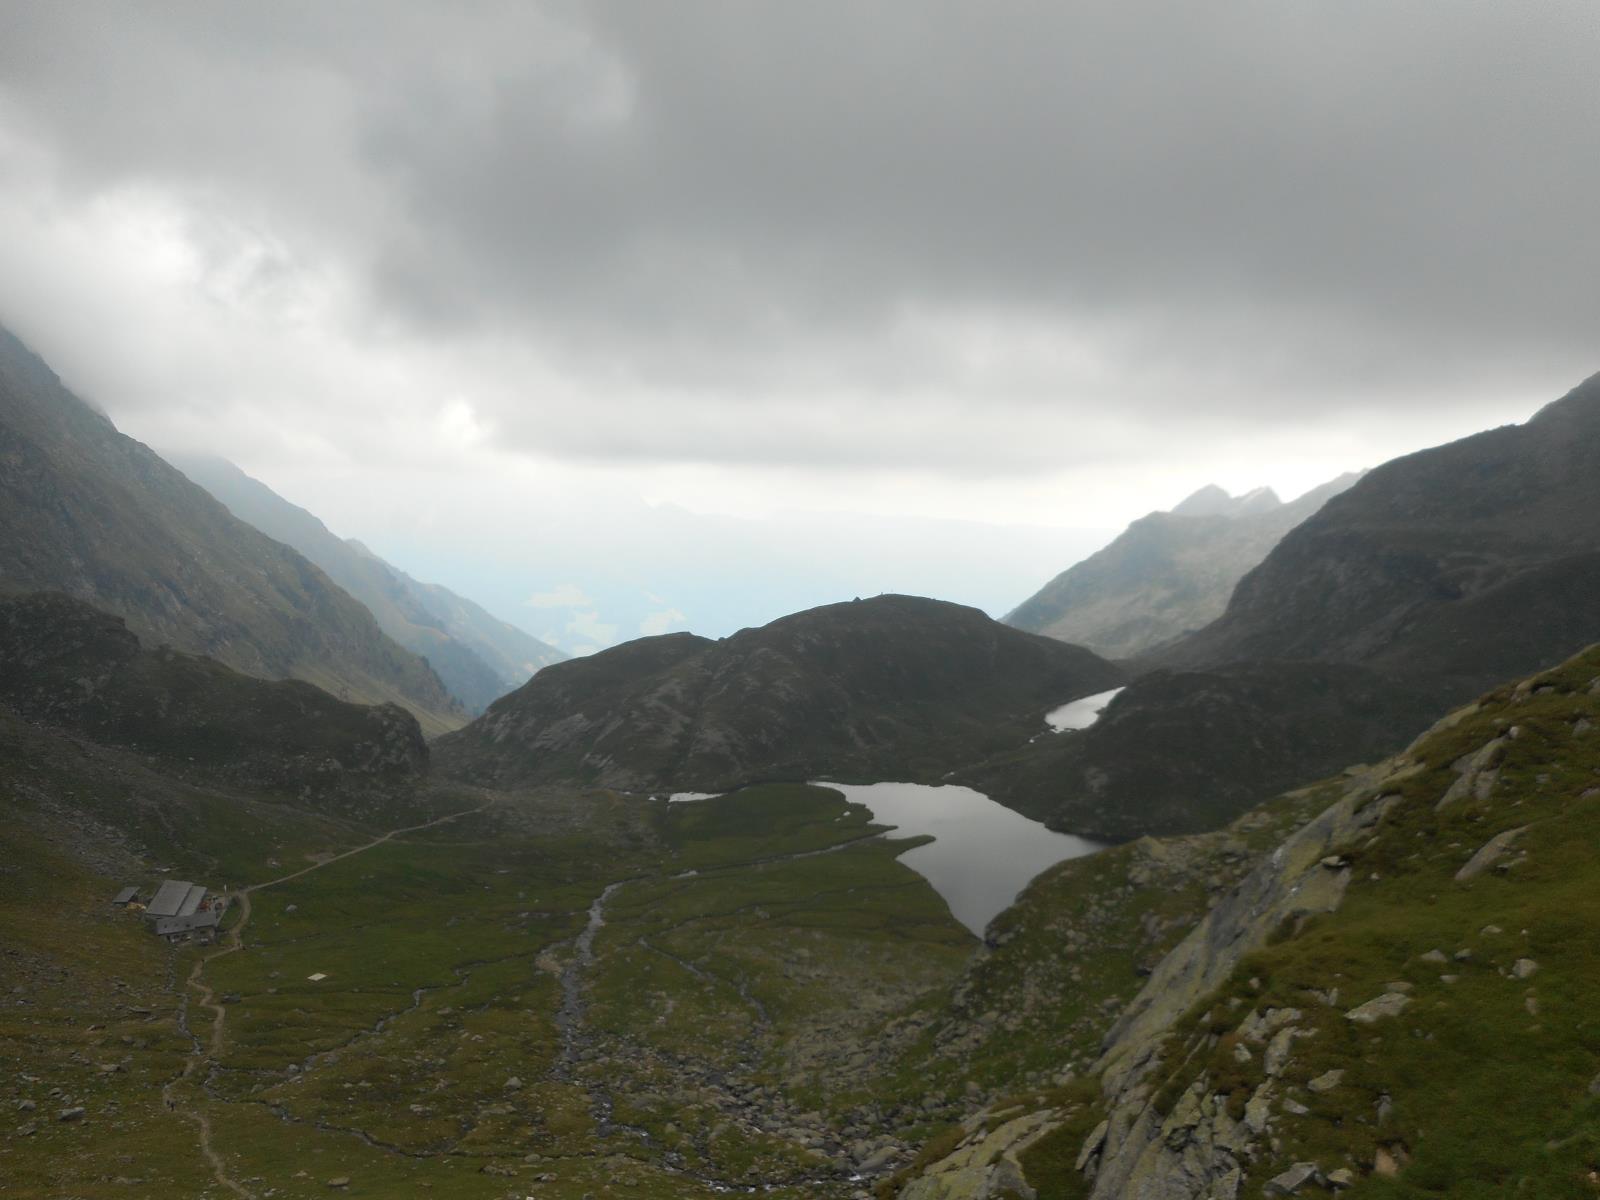 Le temps s'est couvert, début de la longue descente sur Dörf (550m)